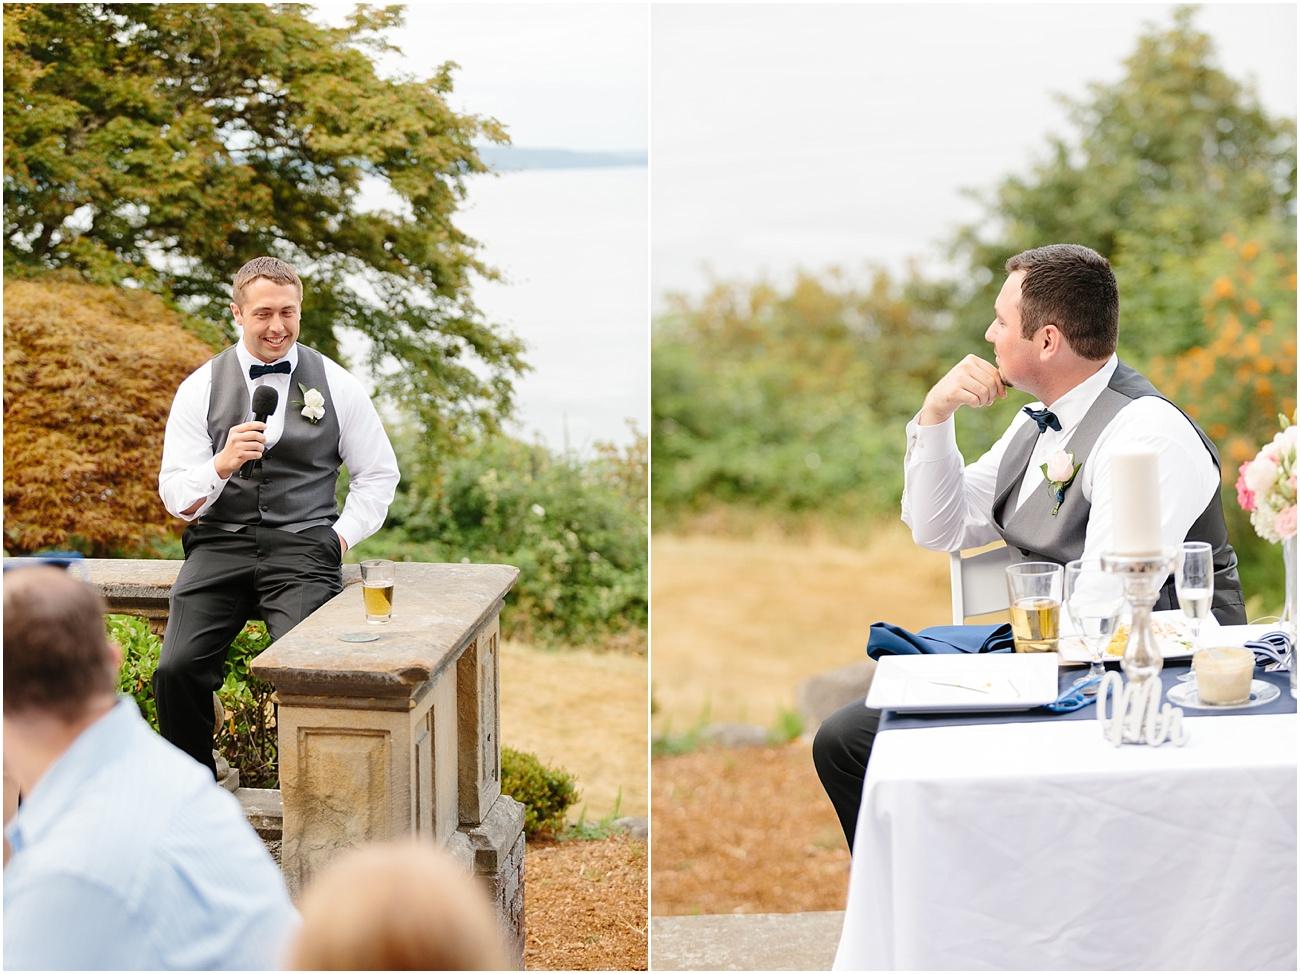 Thomas_WeyerhaeuserEstate_Tacom_Washington_Wedding_0123